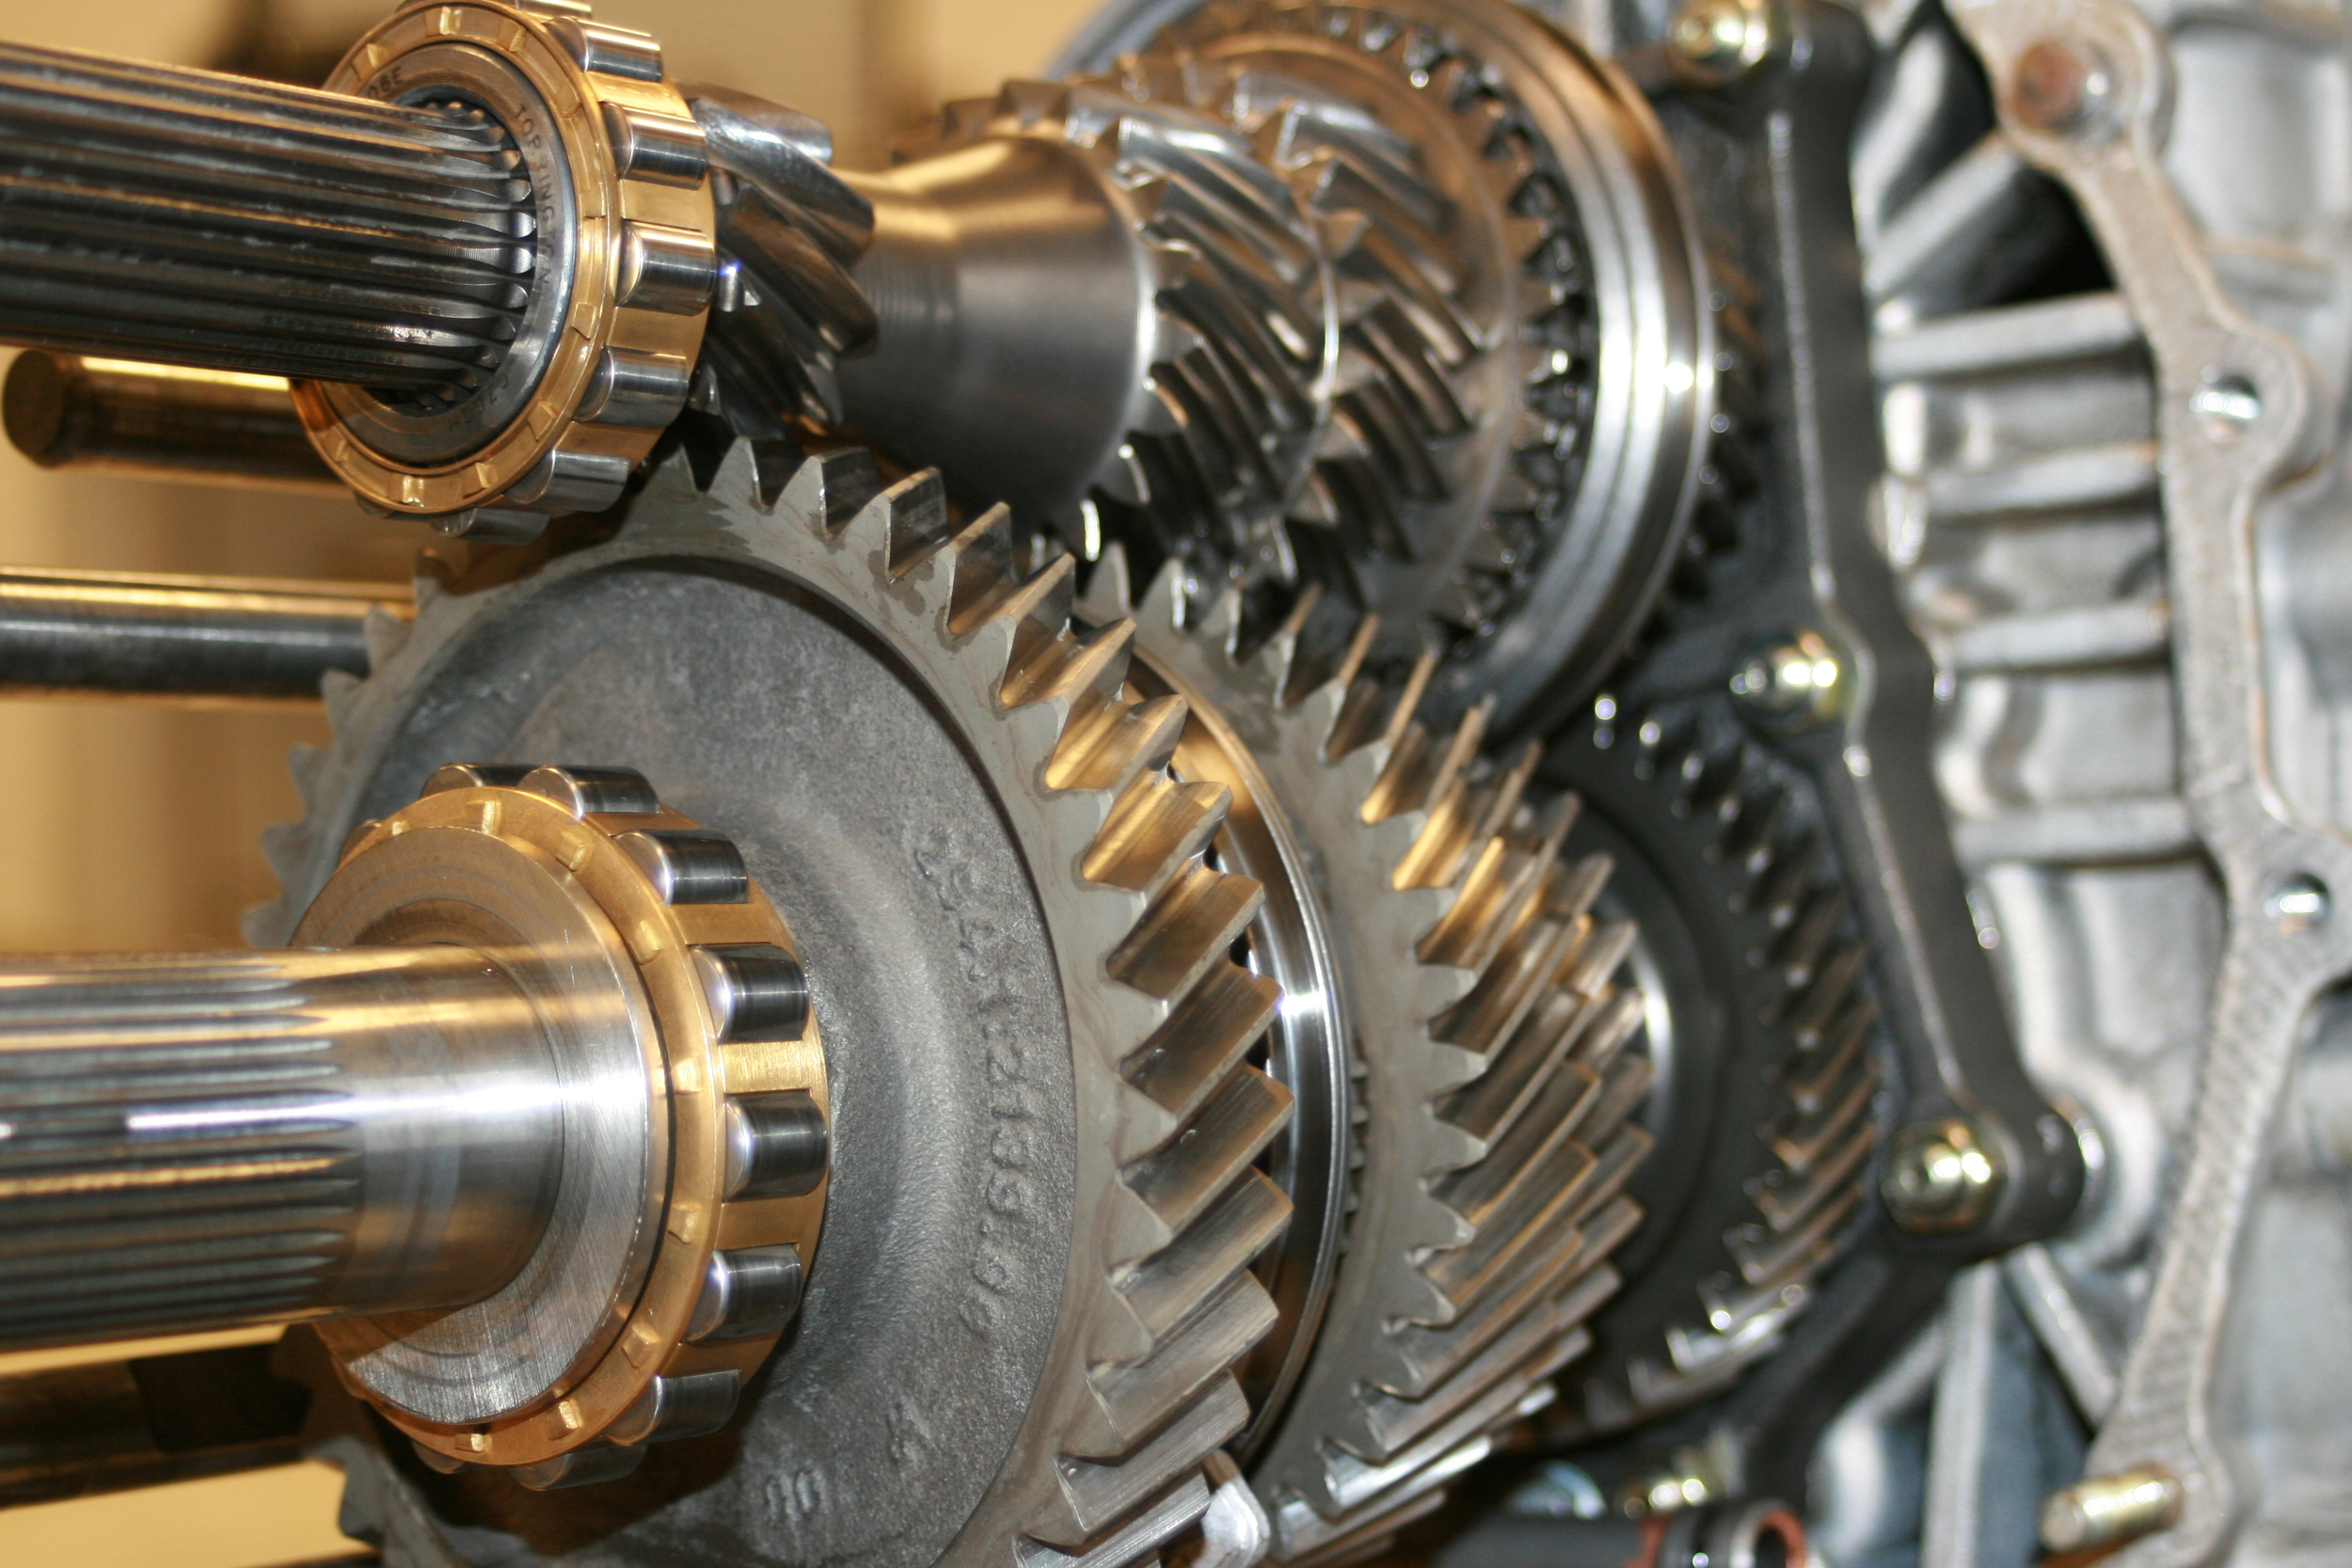 Porsche Transmission Rebuilding Services